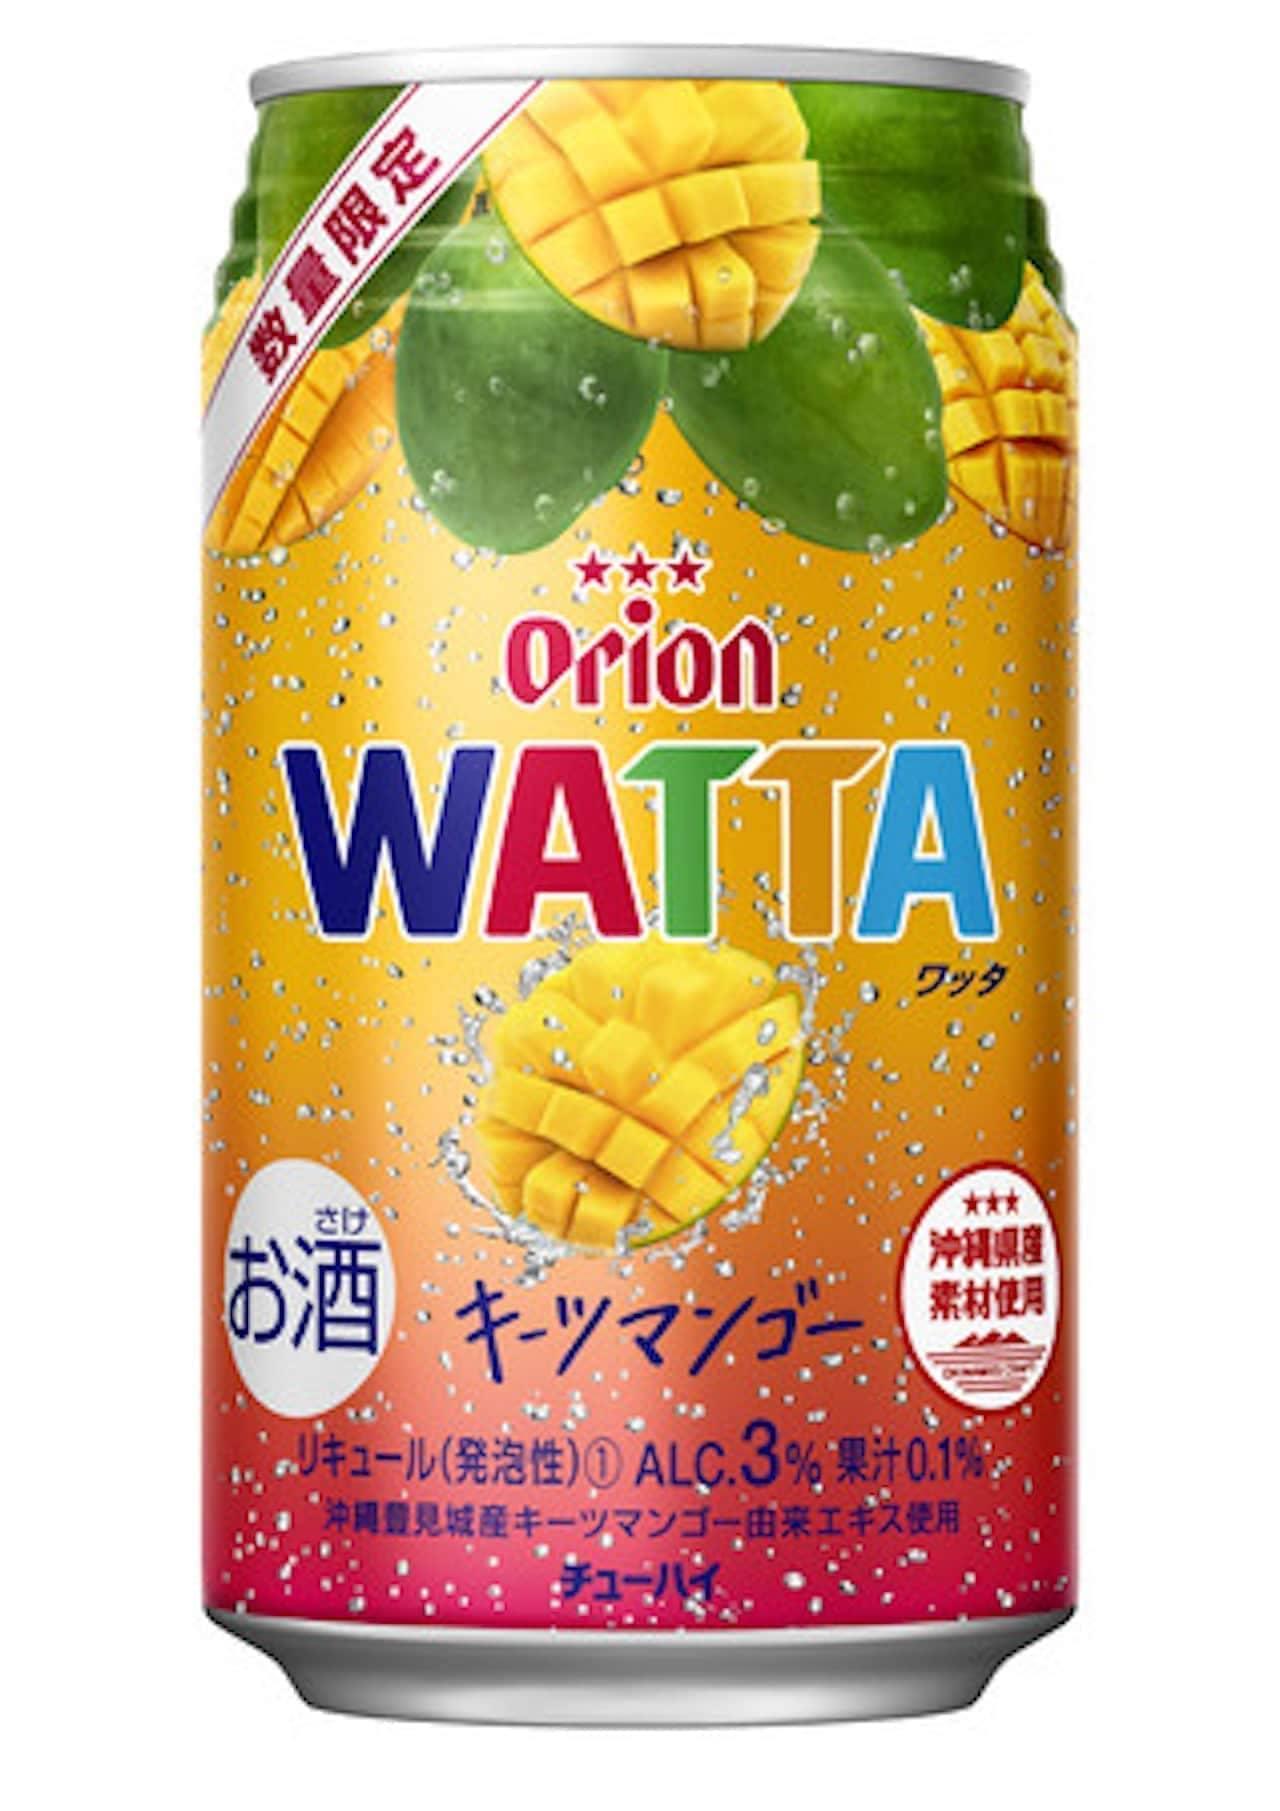 数量限定「WATTA キーツマンゴー」